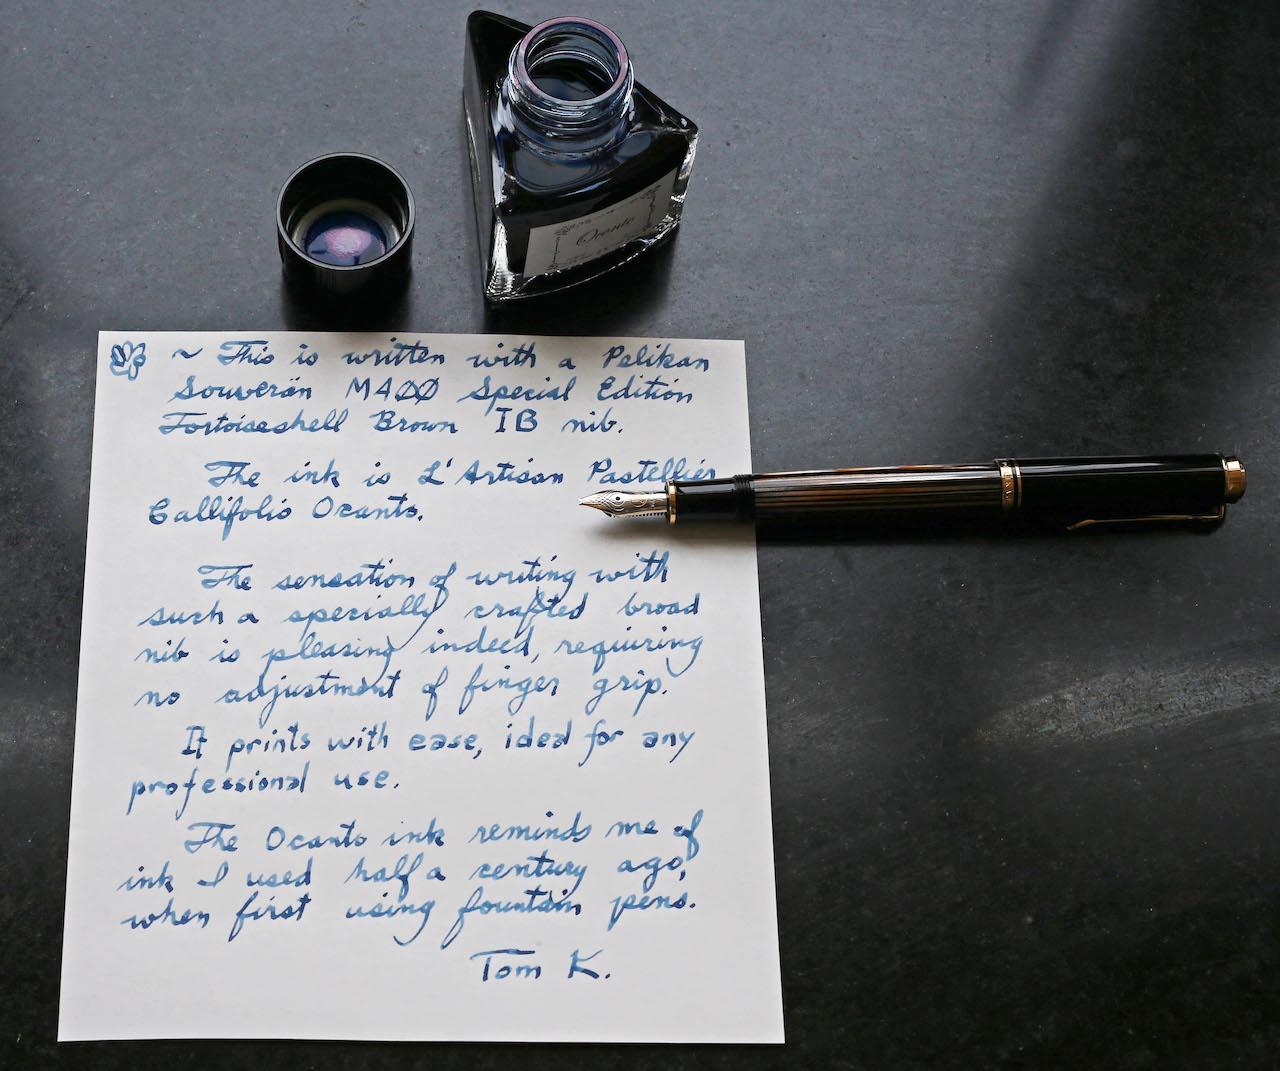 fpn_1558882810__pelikan_ib_nib_writing_s